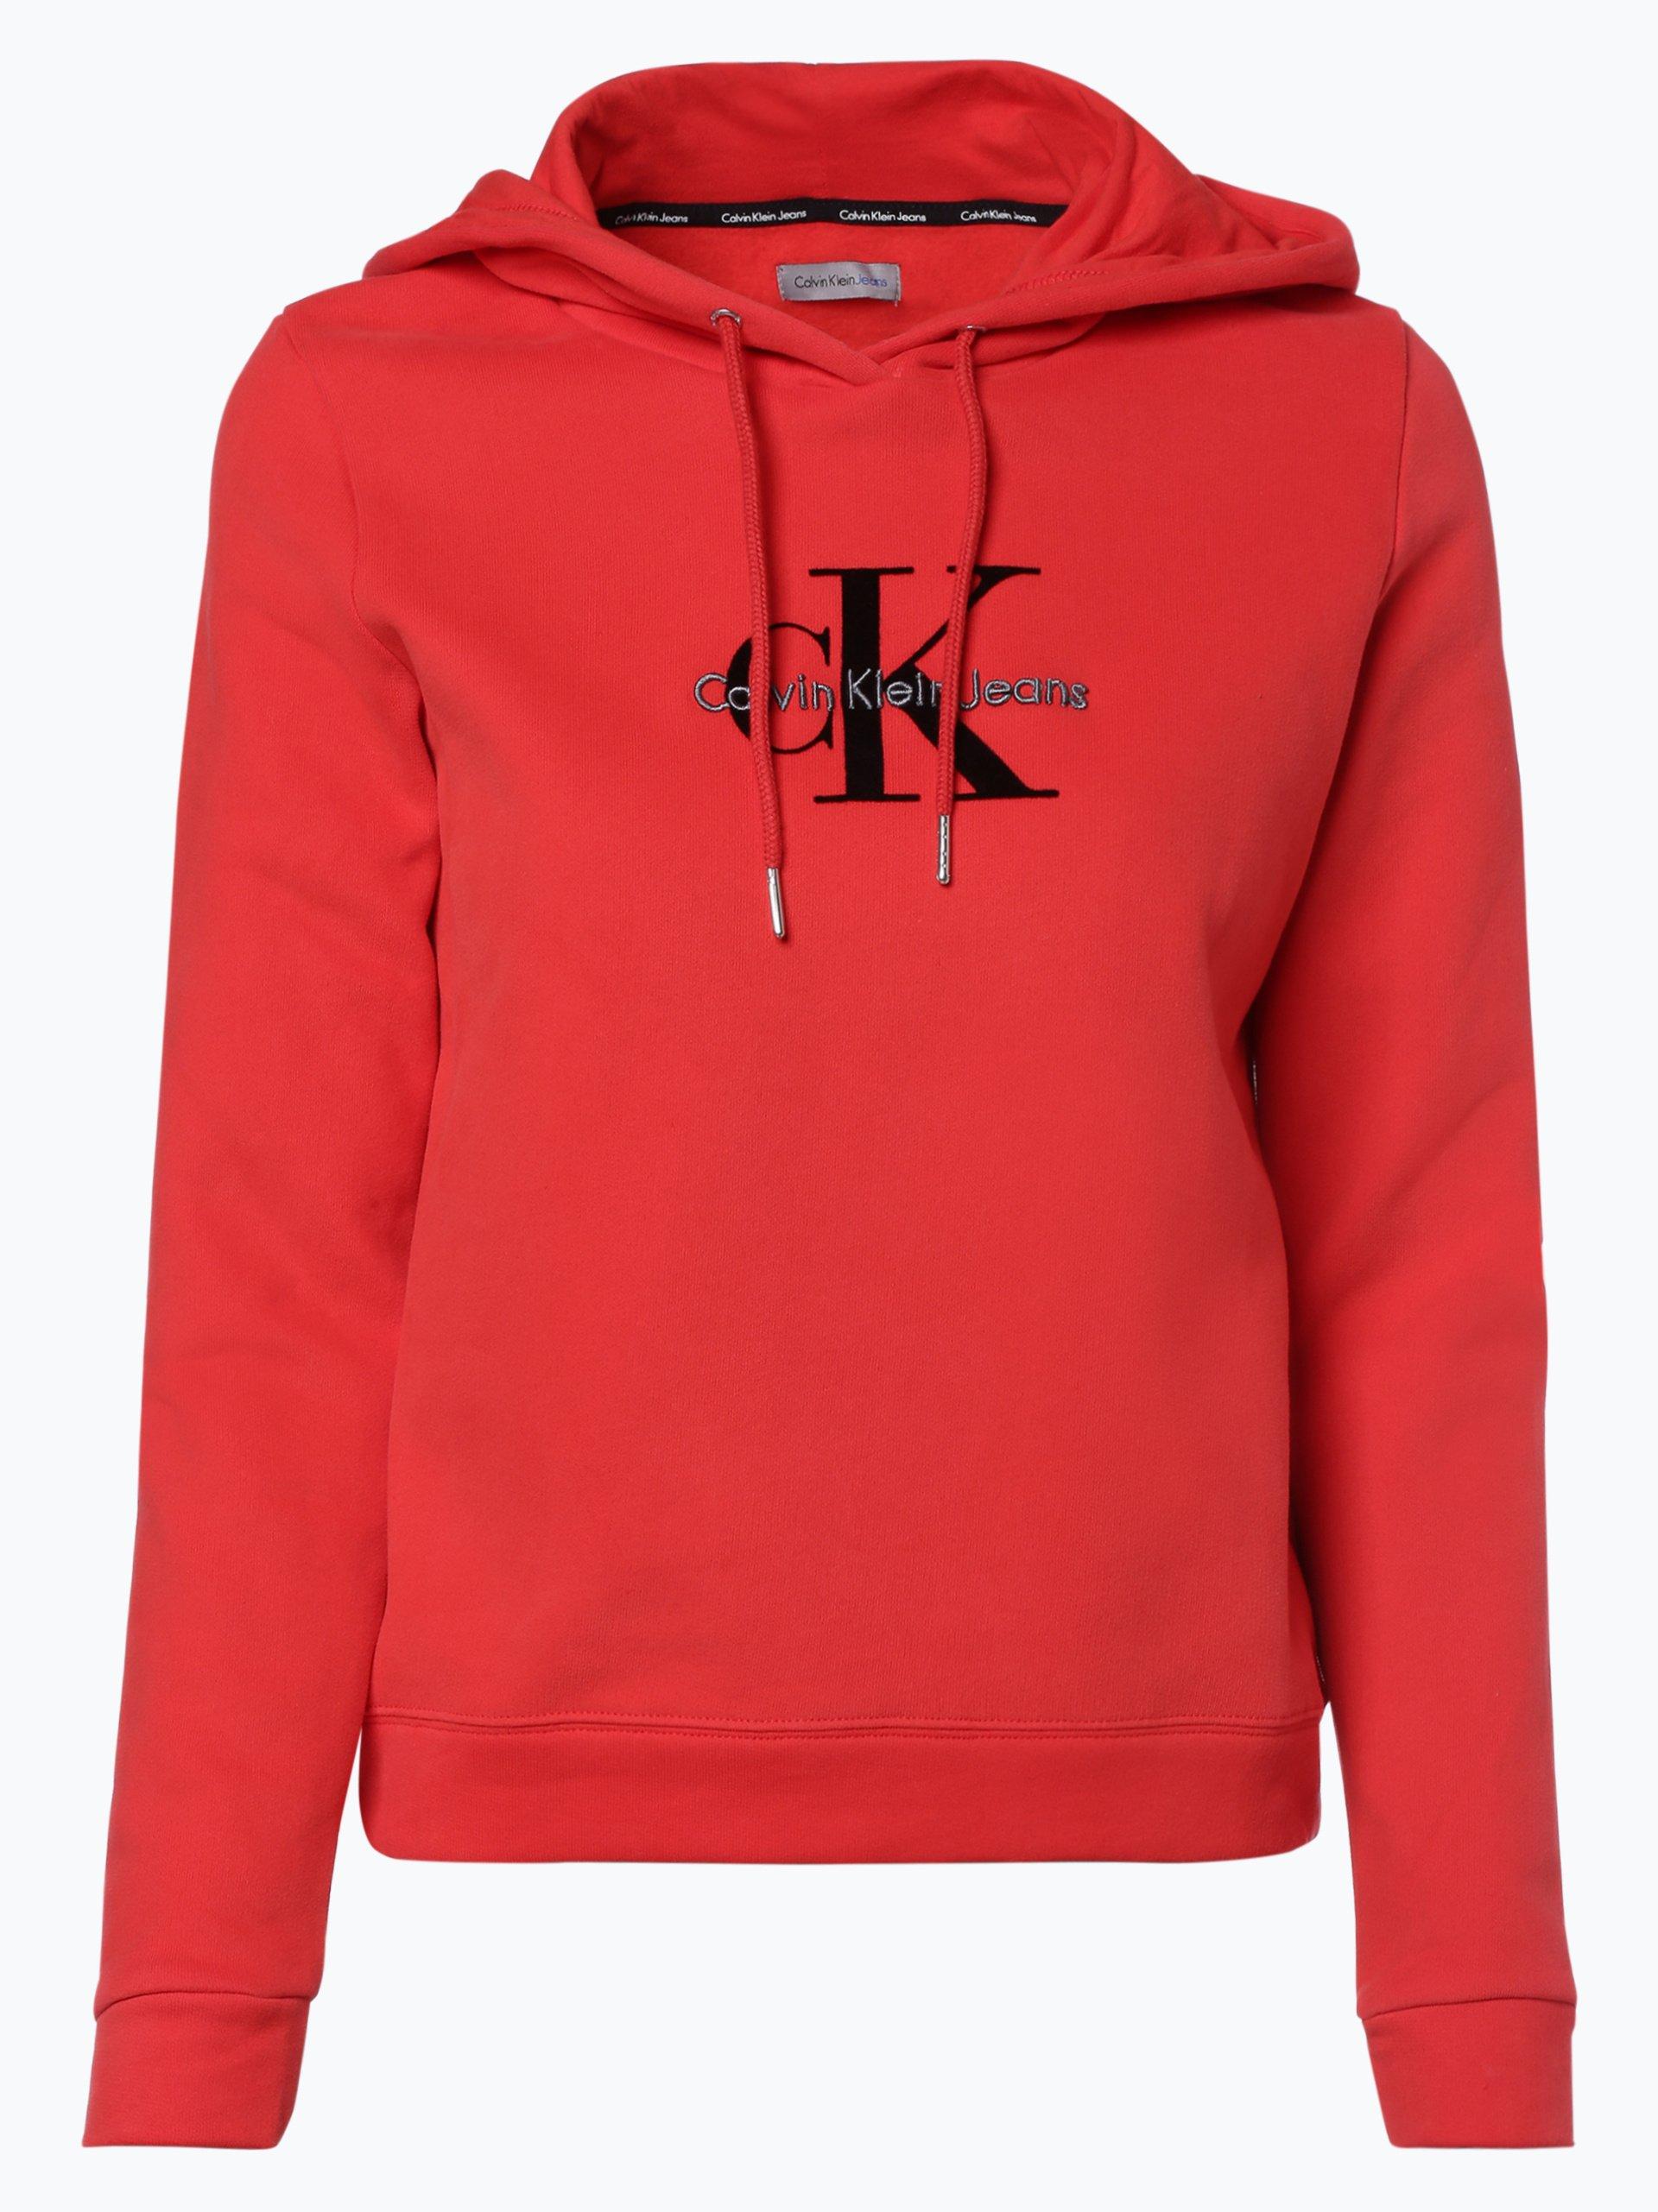 calvin klein jeans damen sweatshirt rot bedruckt online kaufen vangraaf com. Black Bedroom Furniture Sets. Home Design Ideas